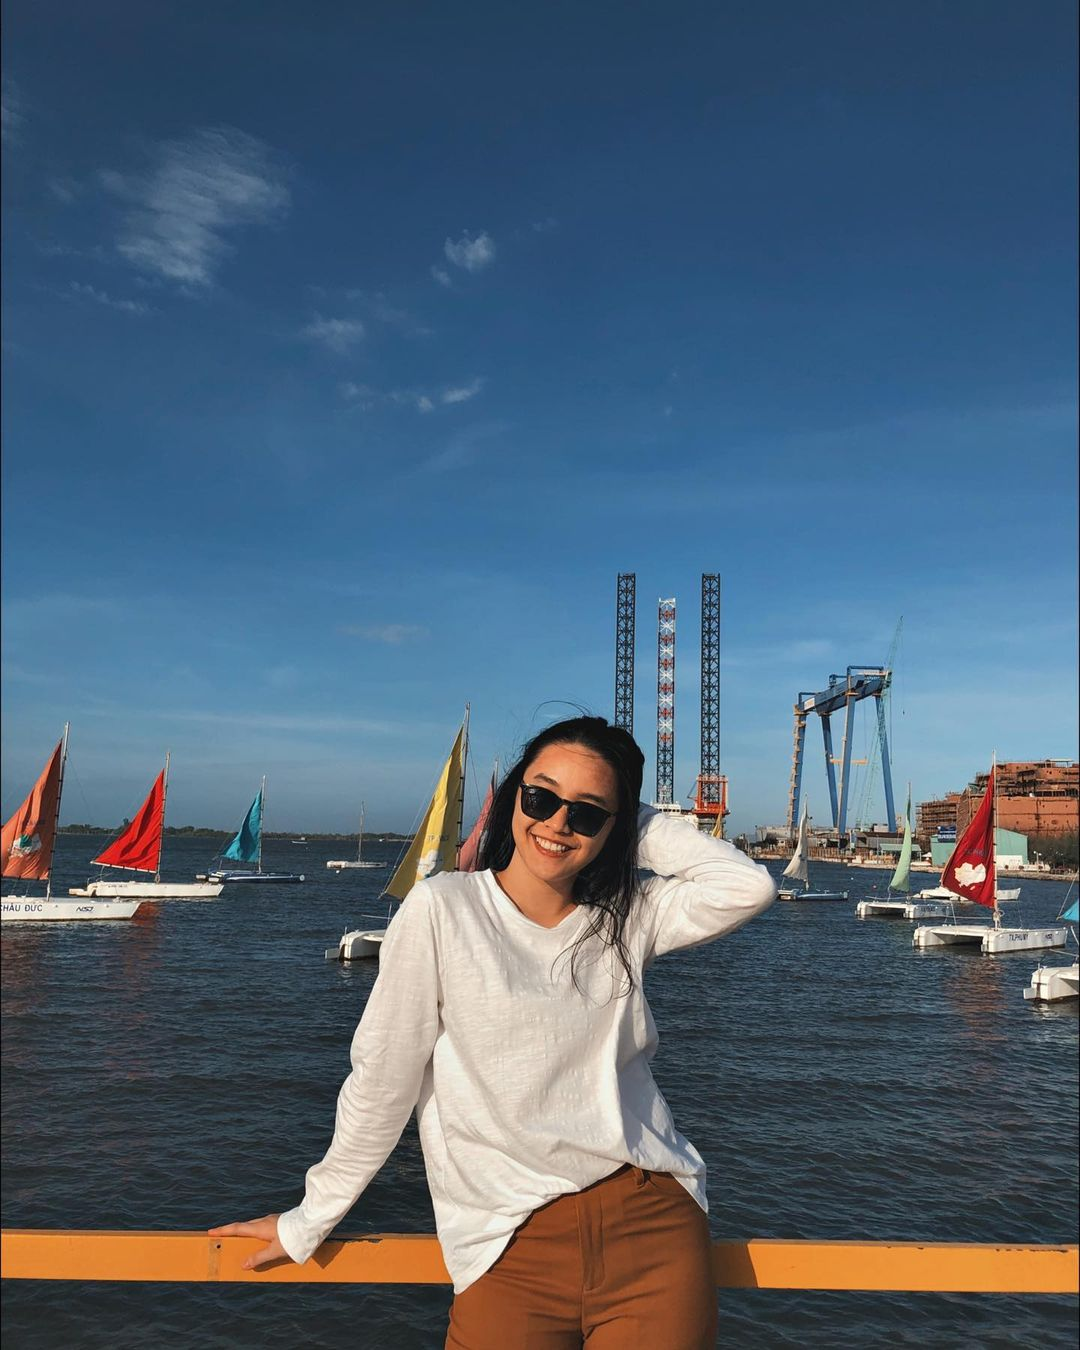 Câu cá giải trí tại bến thuyền Marina